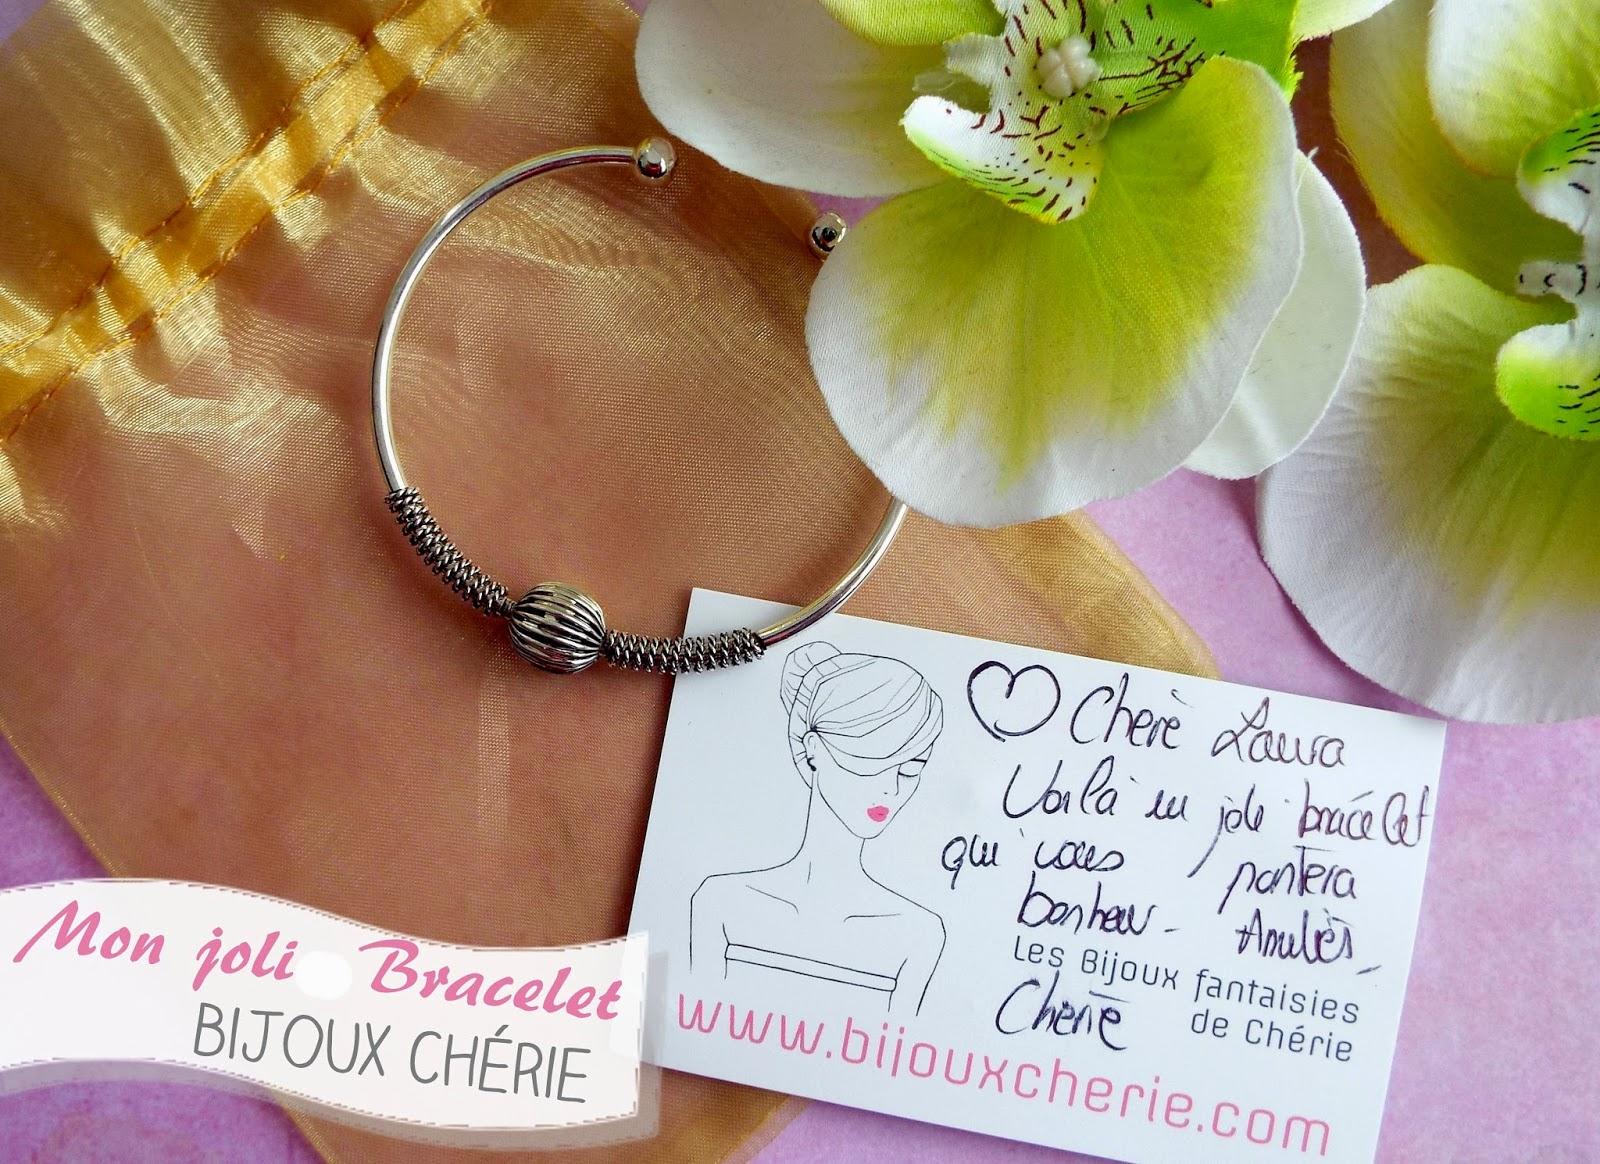 Mon joli bracelet BijouxChérie